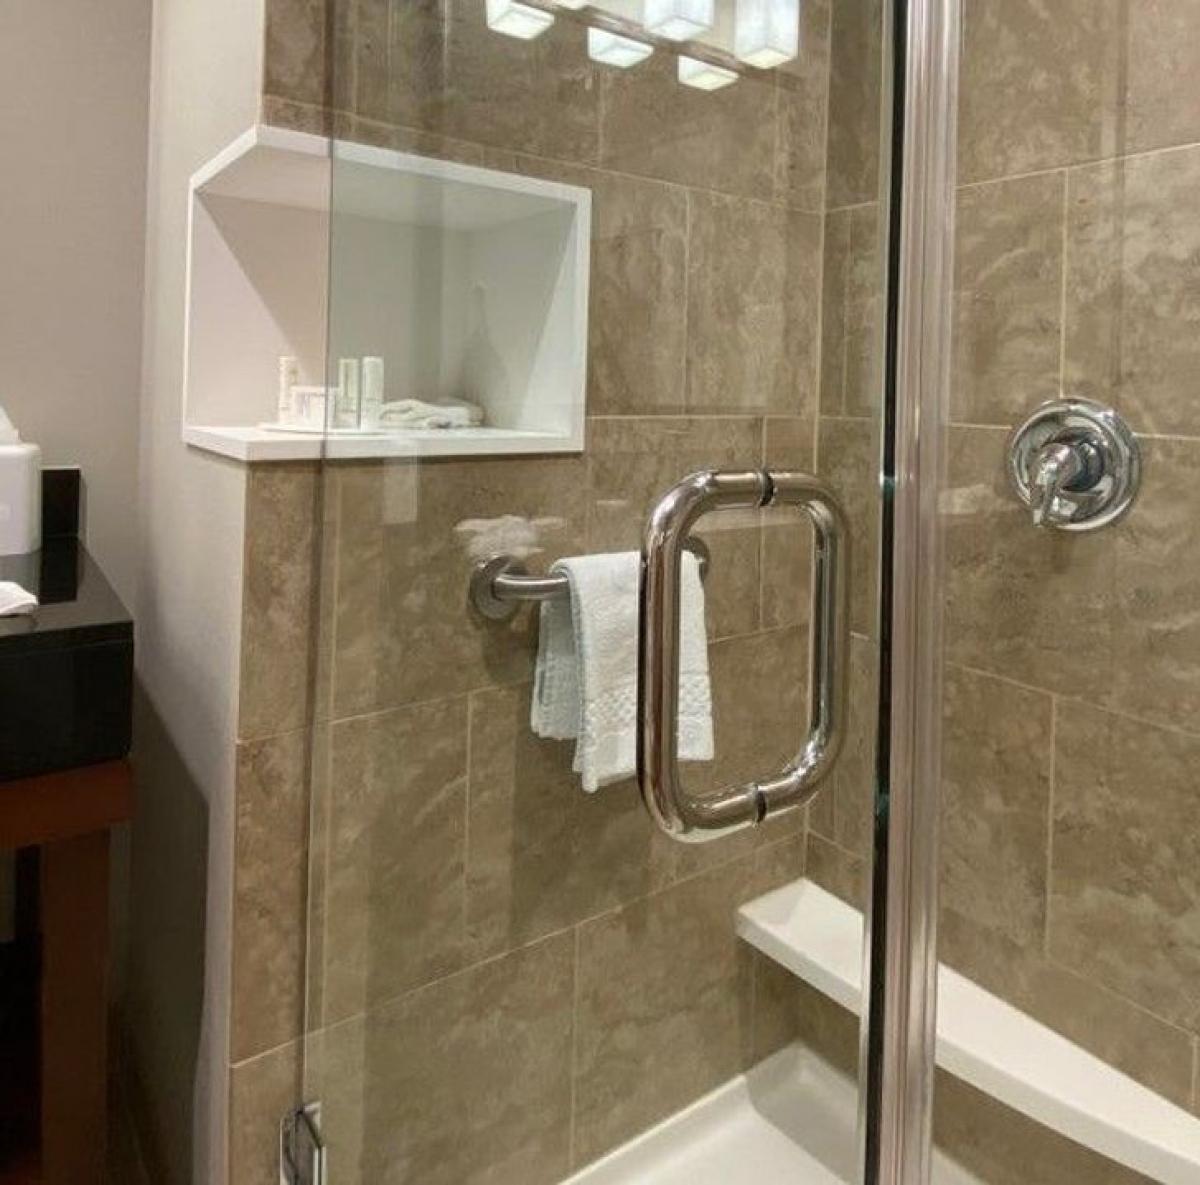 Một khách sạn thiết kế giá để đồ vệ sinh cá nhân ở trong và ngoài cabin tắm, giúp khách du lịch dễ dàng sử dụng.